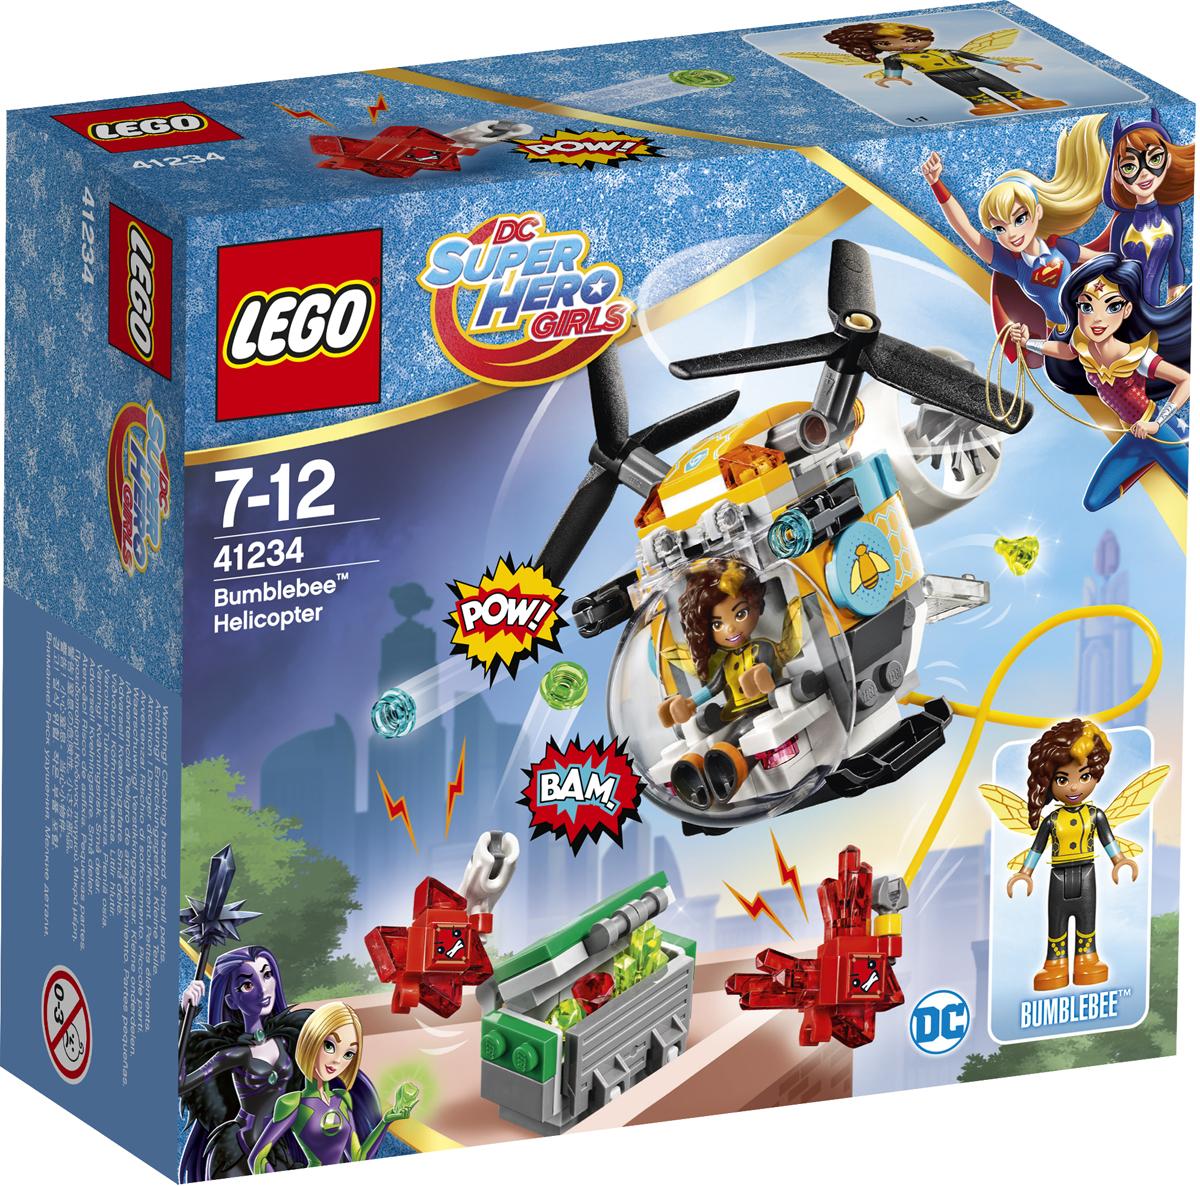 LEGO DC Super Hero Girls Конструктор Вертолет Бамблби 4123441234Осторожно! Злые красные Криптомиты хотят украсть кристаллы, чтобы создать новых монстров! Помоги Бамблби сбросить их с вертолета, прежде чем они доберутся до грузового отсека. Стреляй из шипомётов! Обезвредь маленьких злодеев и защити кристаллы!